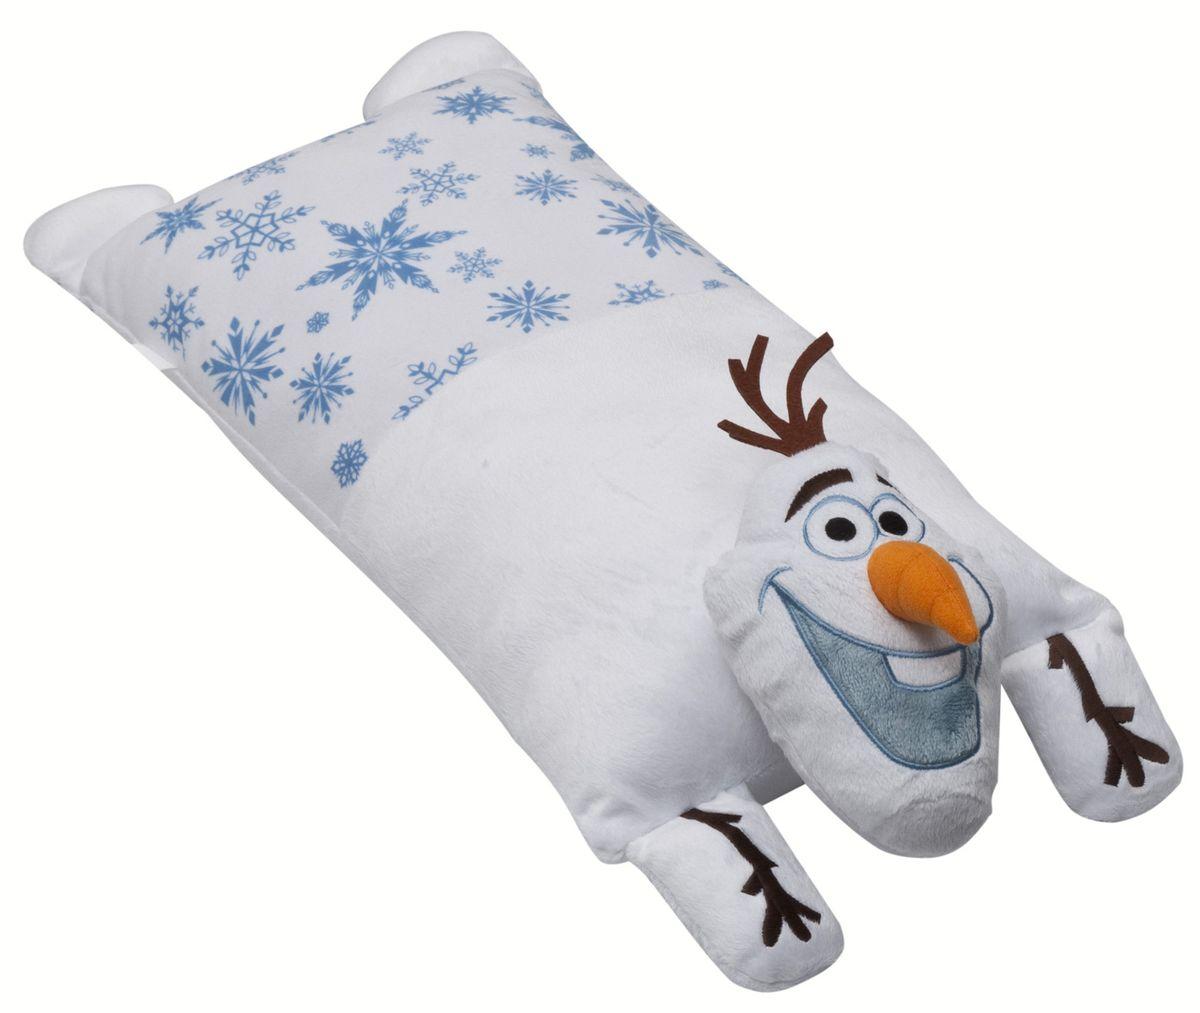 Disney Подушка детская Olaf 1564015640Детская декоративная подушка Disney Olaf может использоваться в качестве элемента декора в вашем доме, а также станет настоящей игрушкой для вашего малыша. Данная текстильная продукция занимает высокие позиции на потребительском рынке благодаря своему оригинальному дизайну и безопасным материалам.